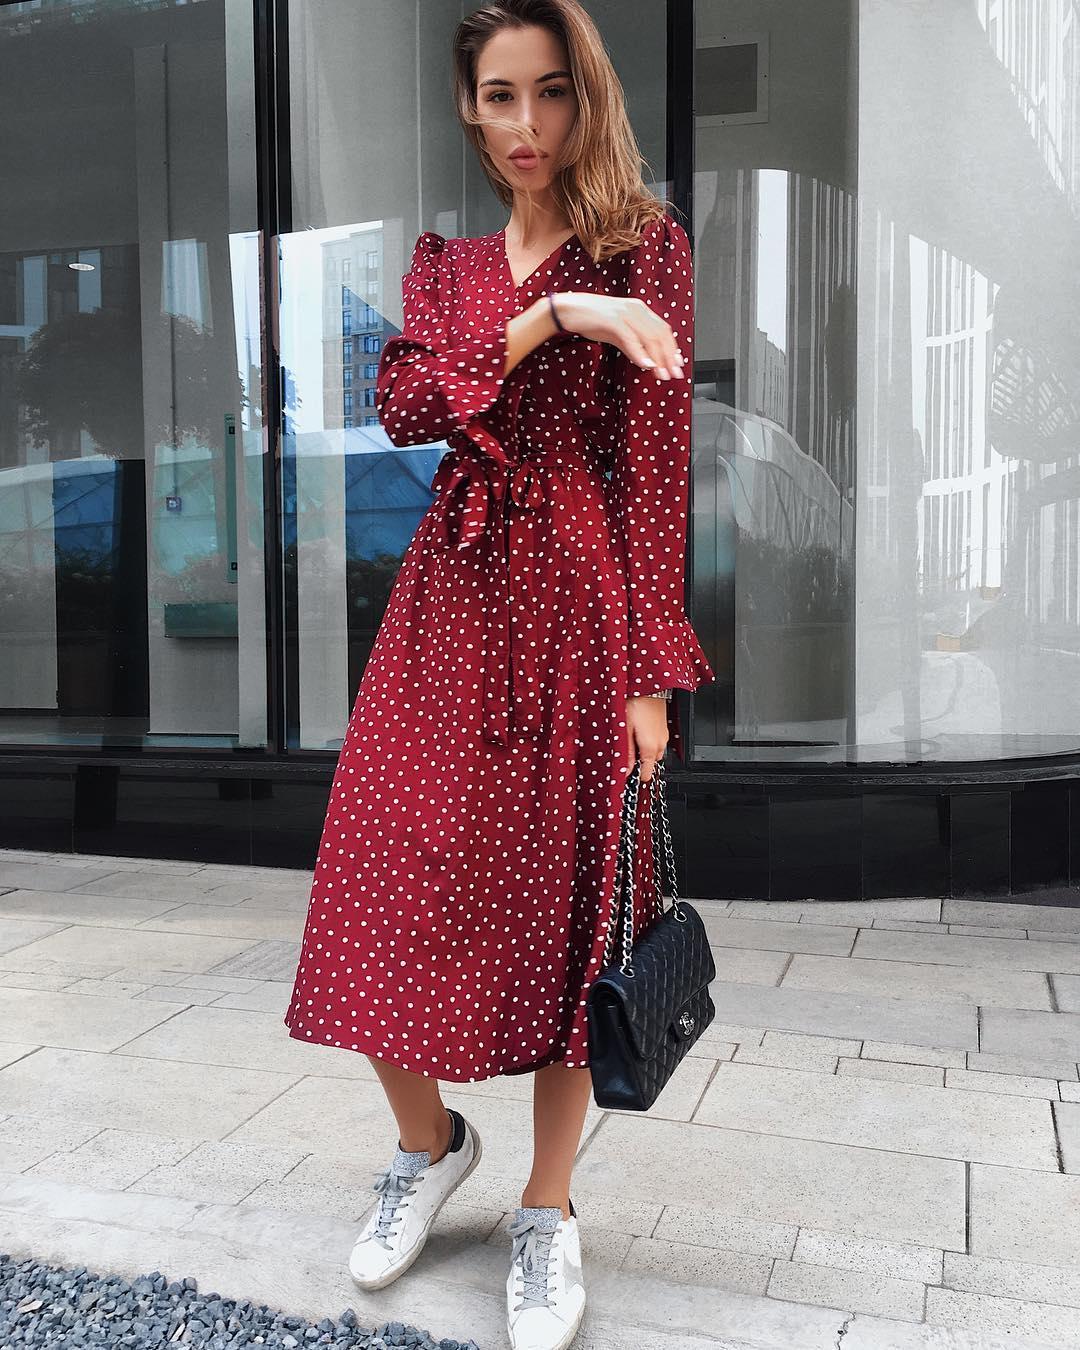 Платье с кроссовками фото_27